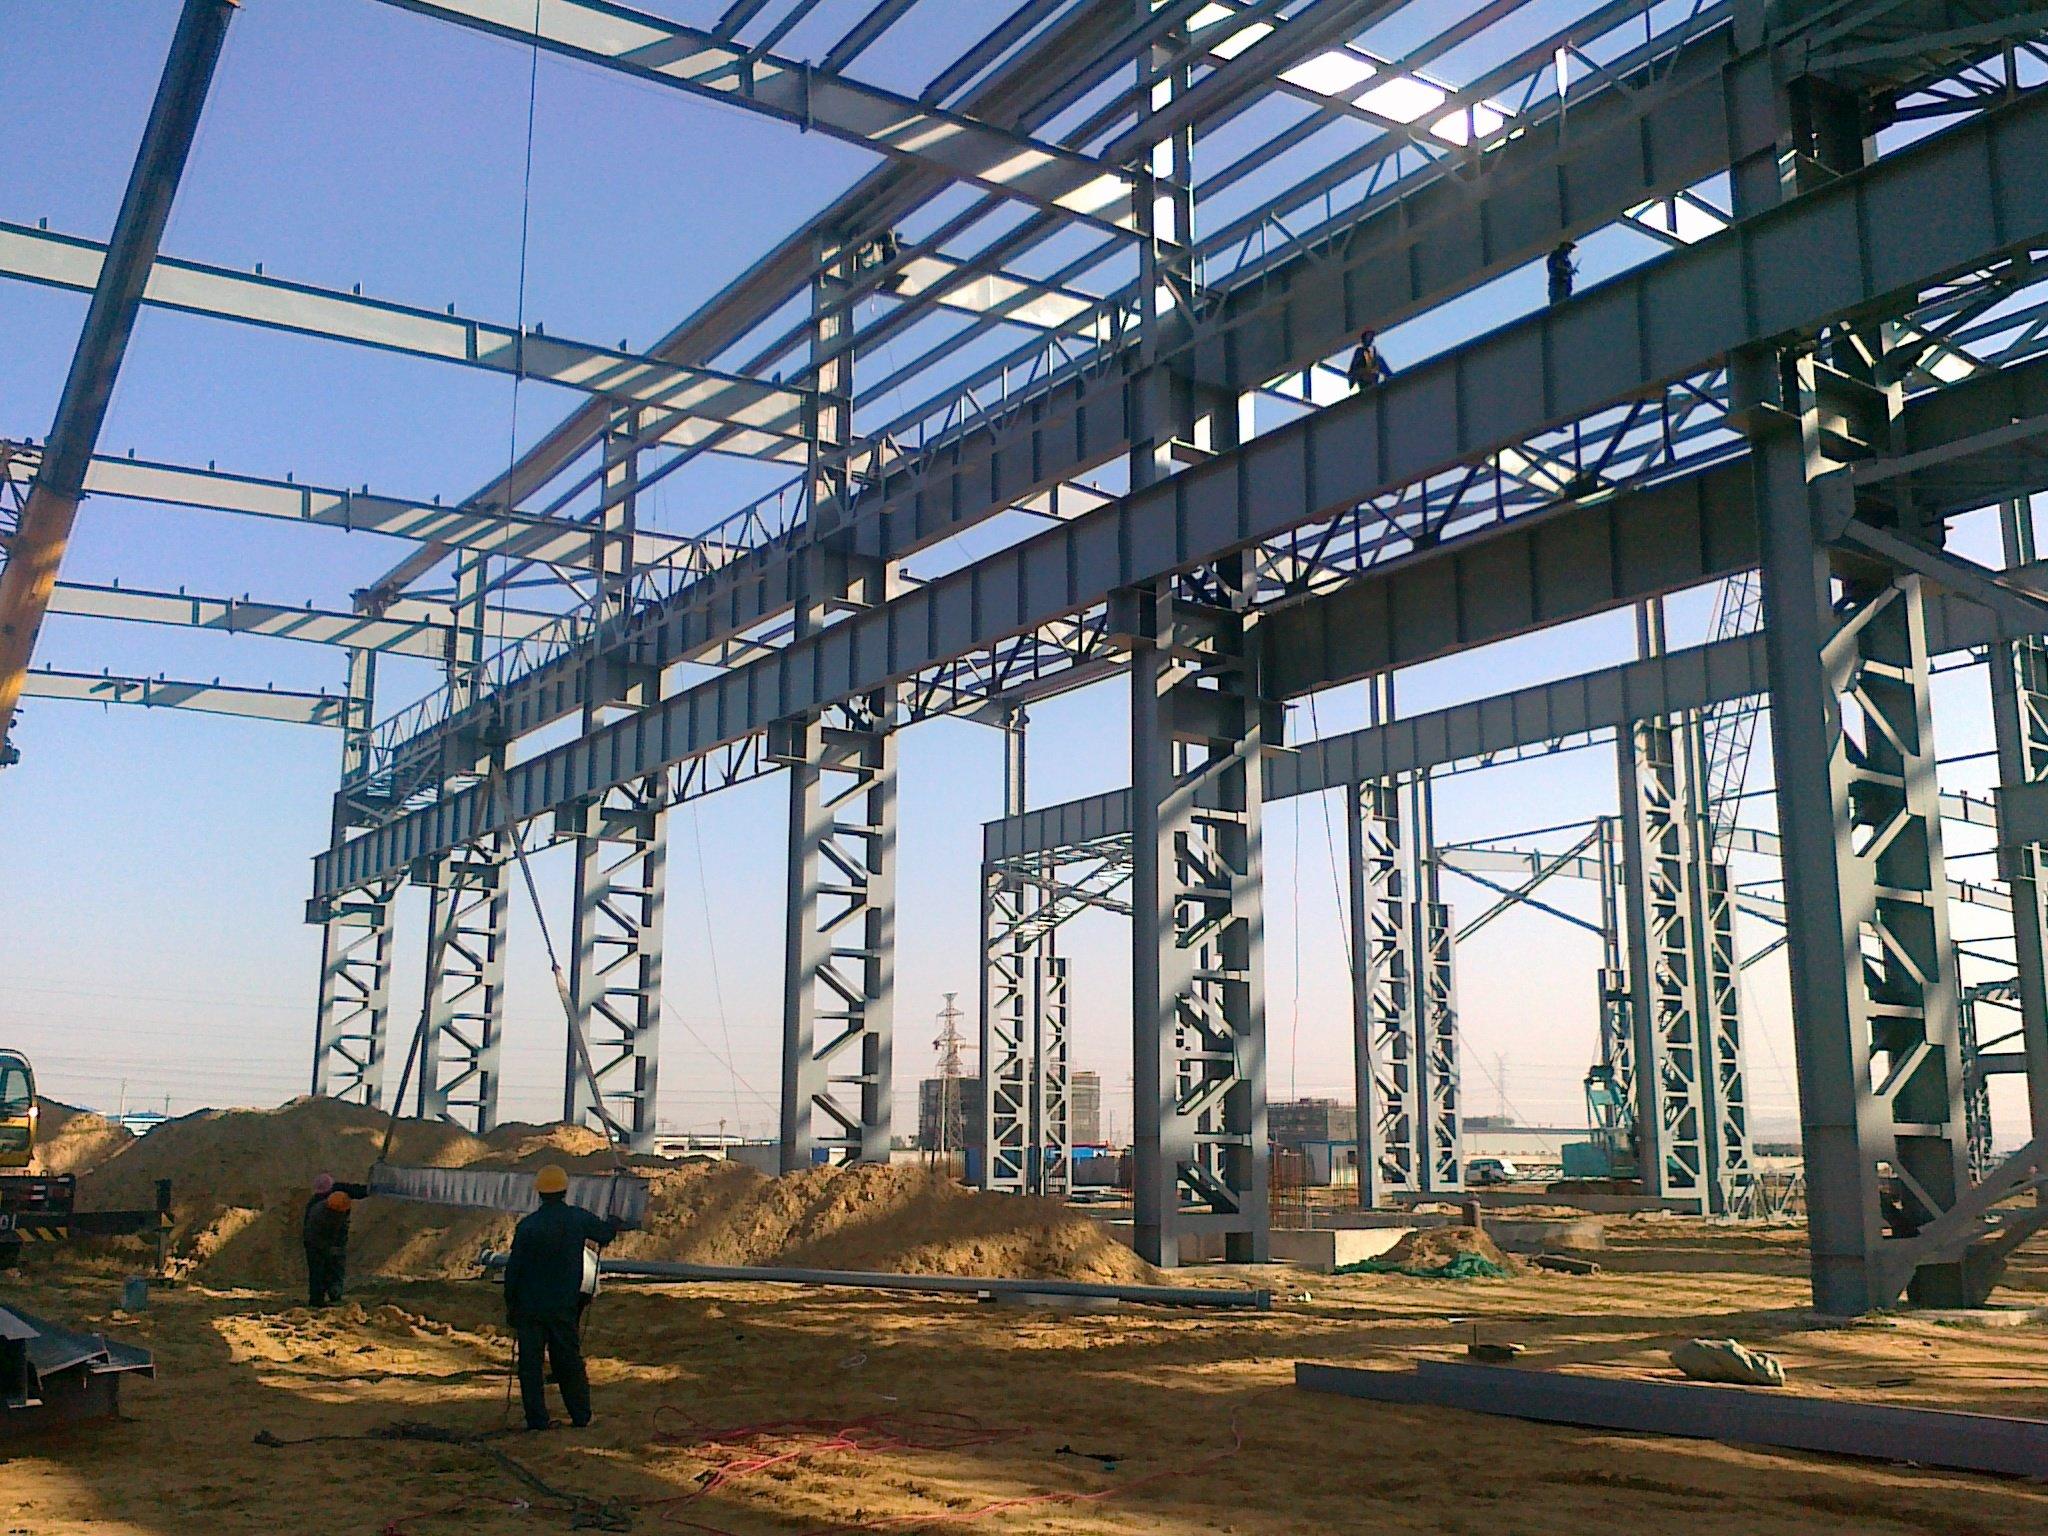 结构主要由型钢和钢板等制成的钢梁,钢柱,钢桁架等构件组成,各构件或